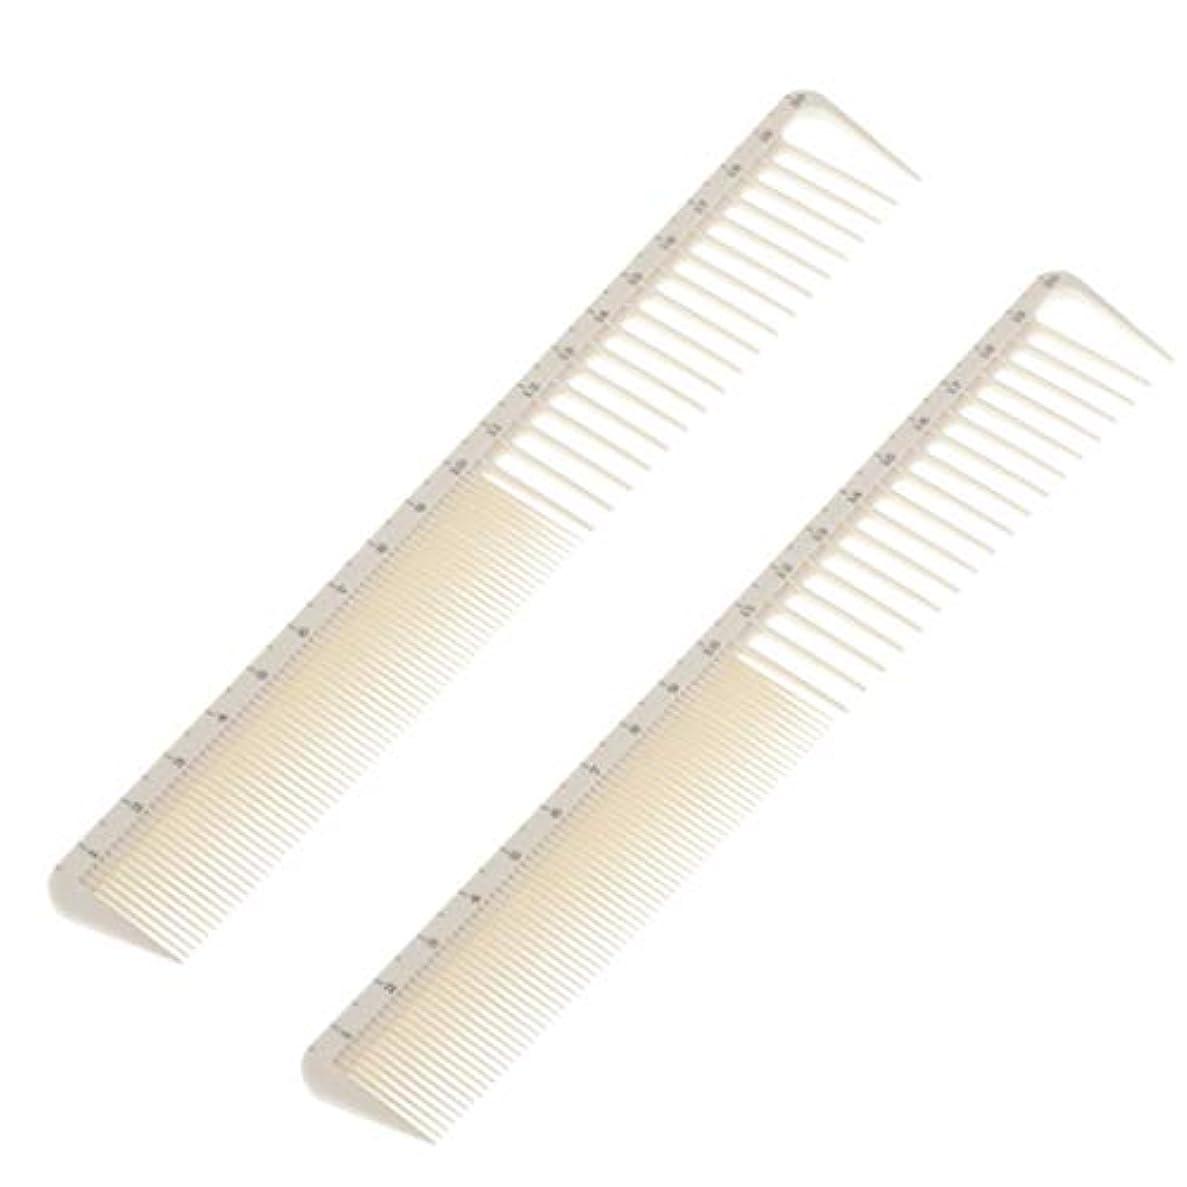 襟凝視遺跡ヘアコーム メンズ 散髪コーム カットコーム 髪くし 櫛 静電気防止 スケール付き 弾力性 耐久性 2個入り